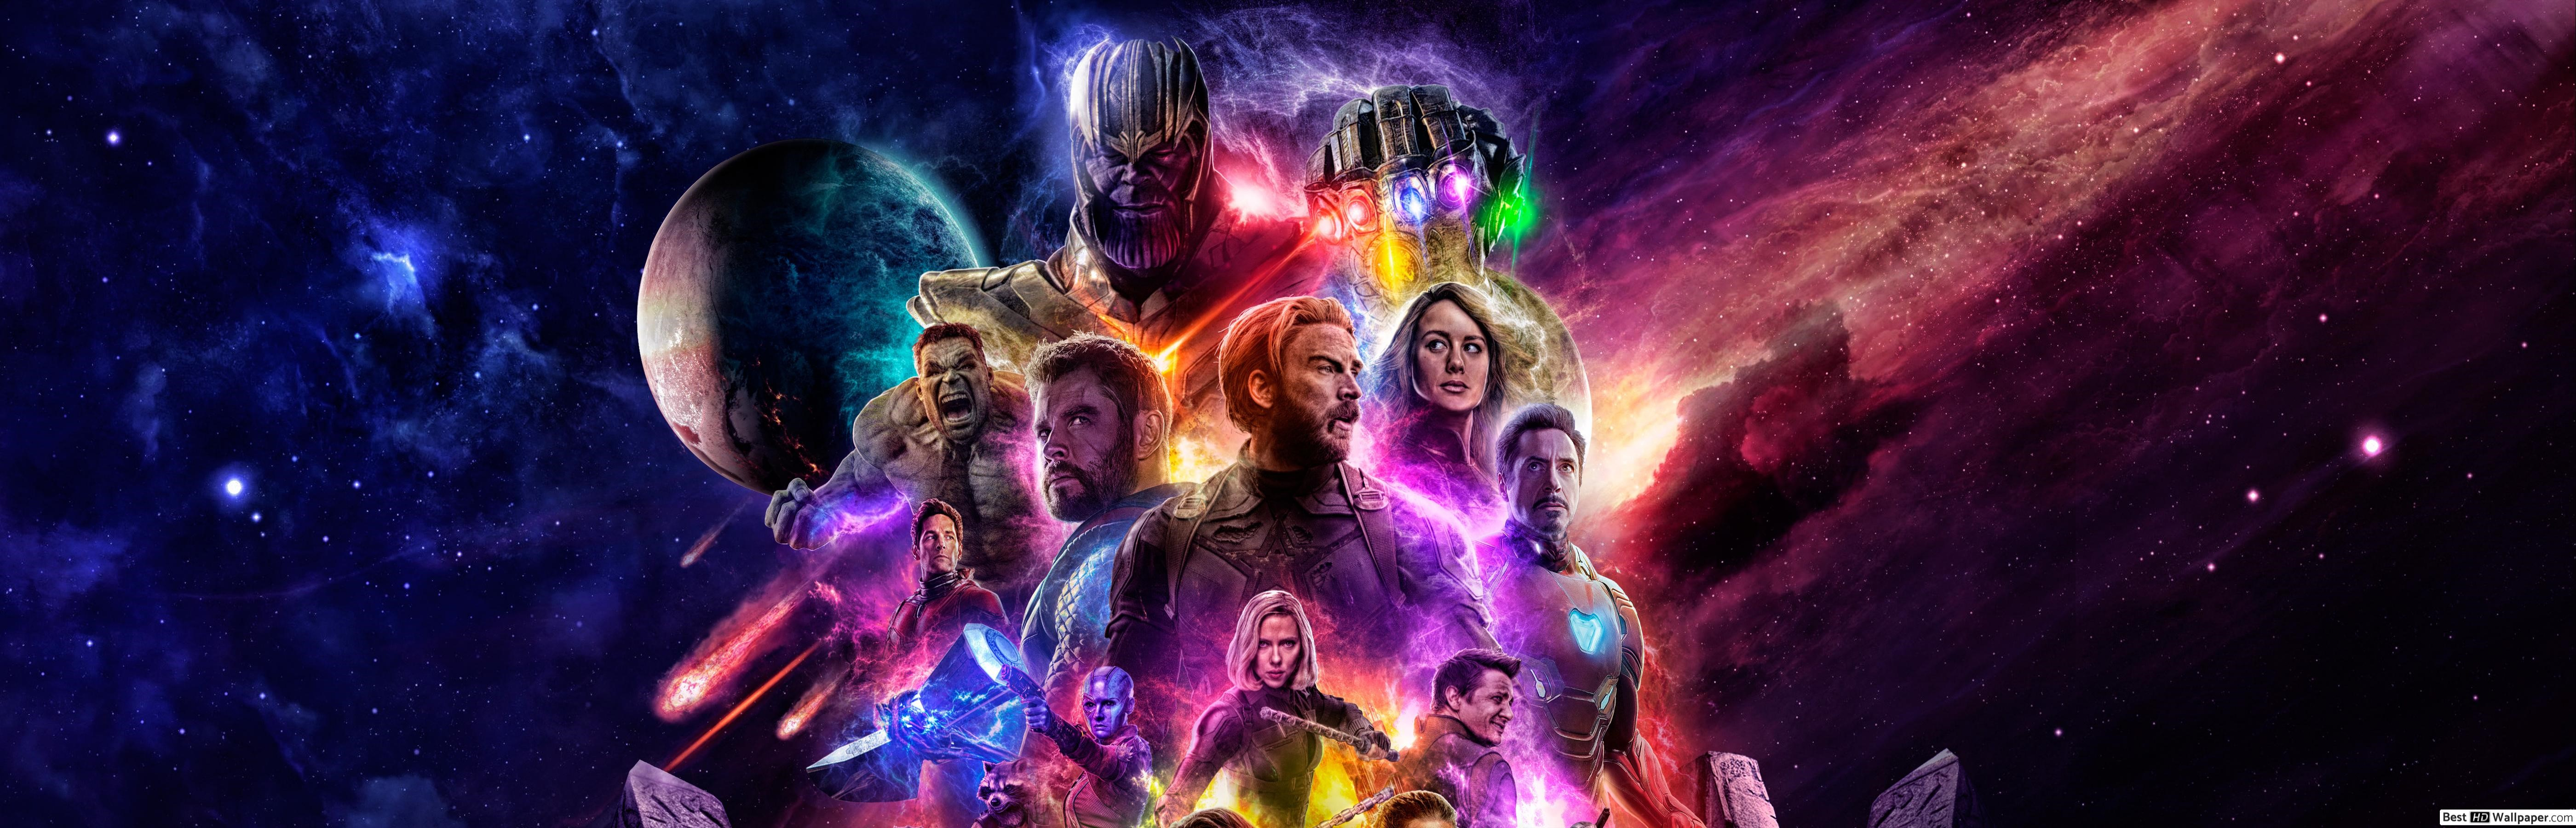 Avengers Endgame 8 wallpaper